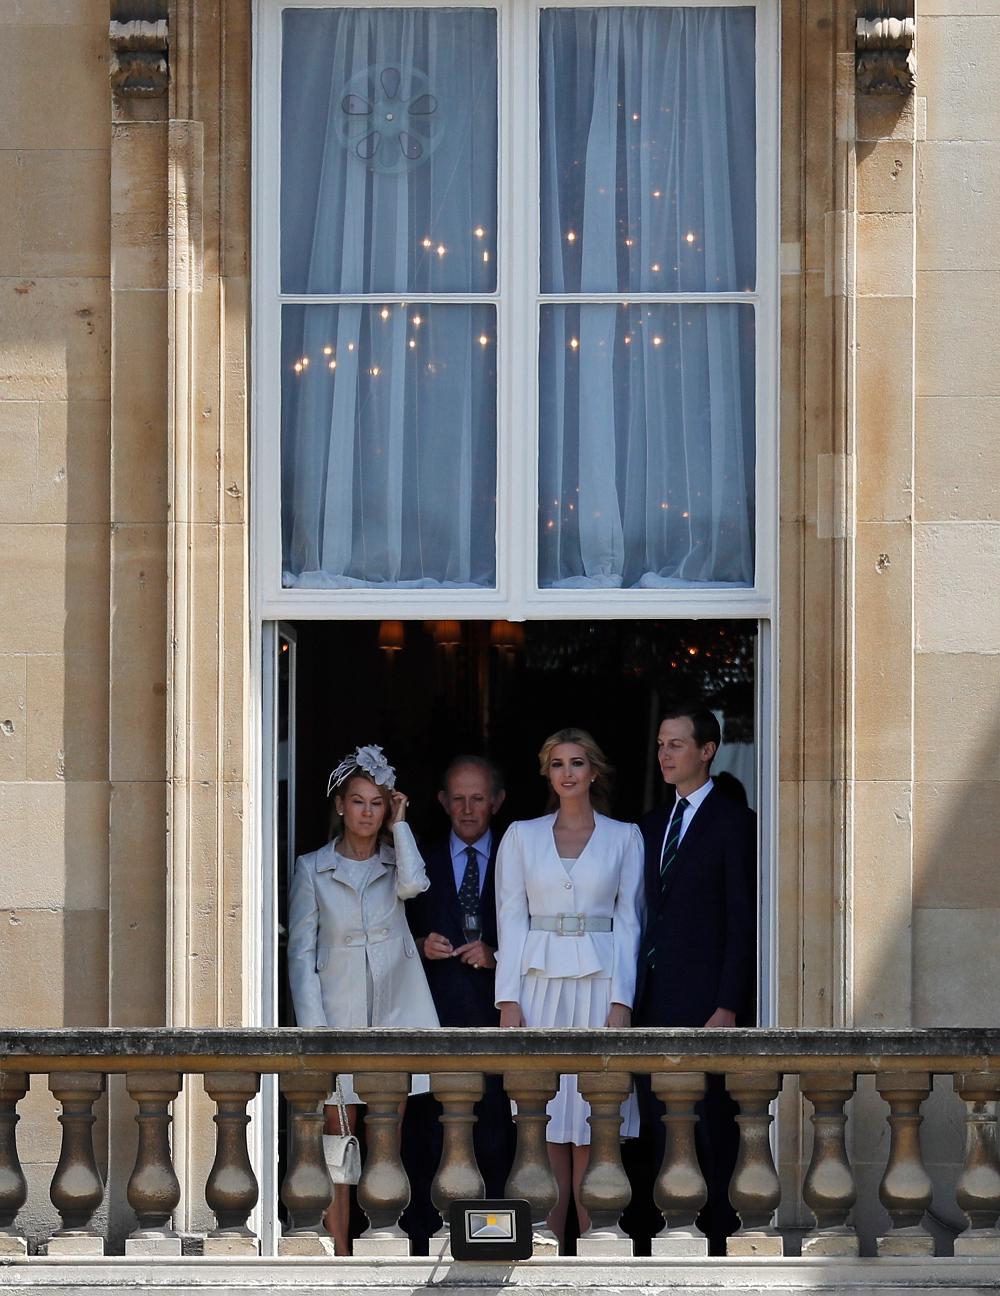 Η Ιβάνκα Τραμπ με τον σύζυγό της Τζάρεντ Κούσνερ παρακολουθούν την υποδοχή του πατέρα της από την βασίλισσα Ελισάβετ